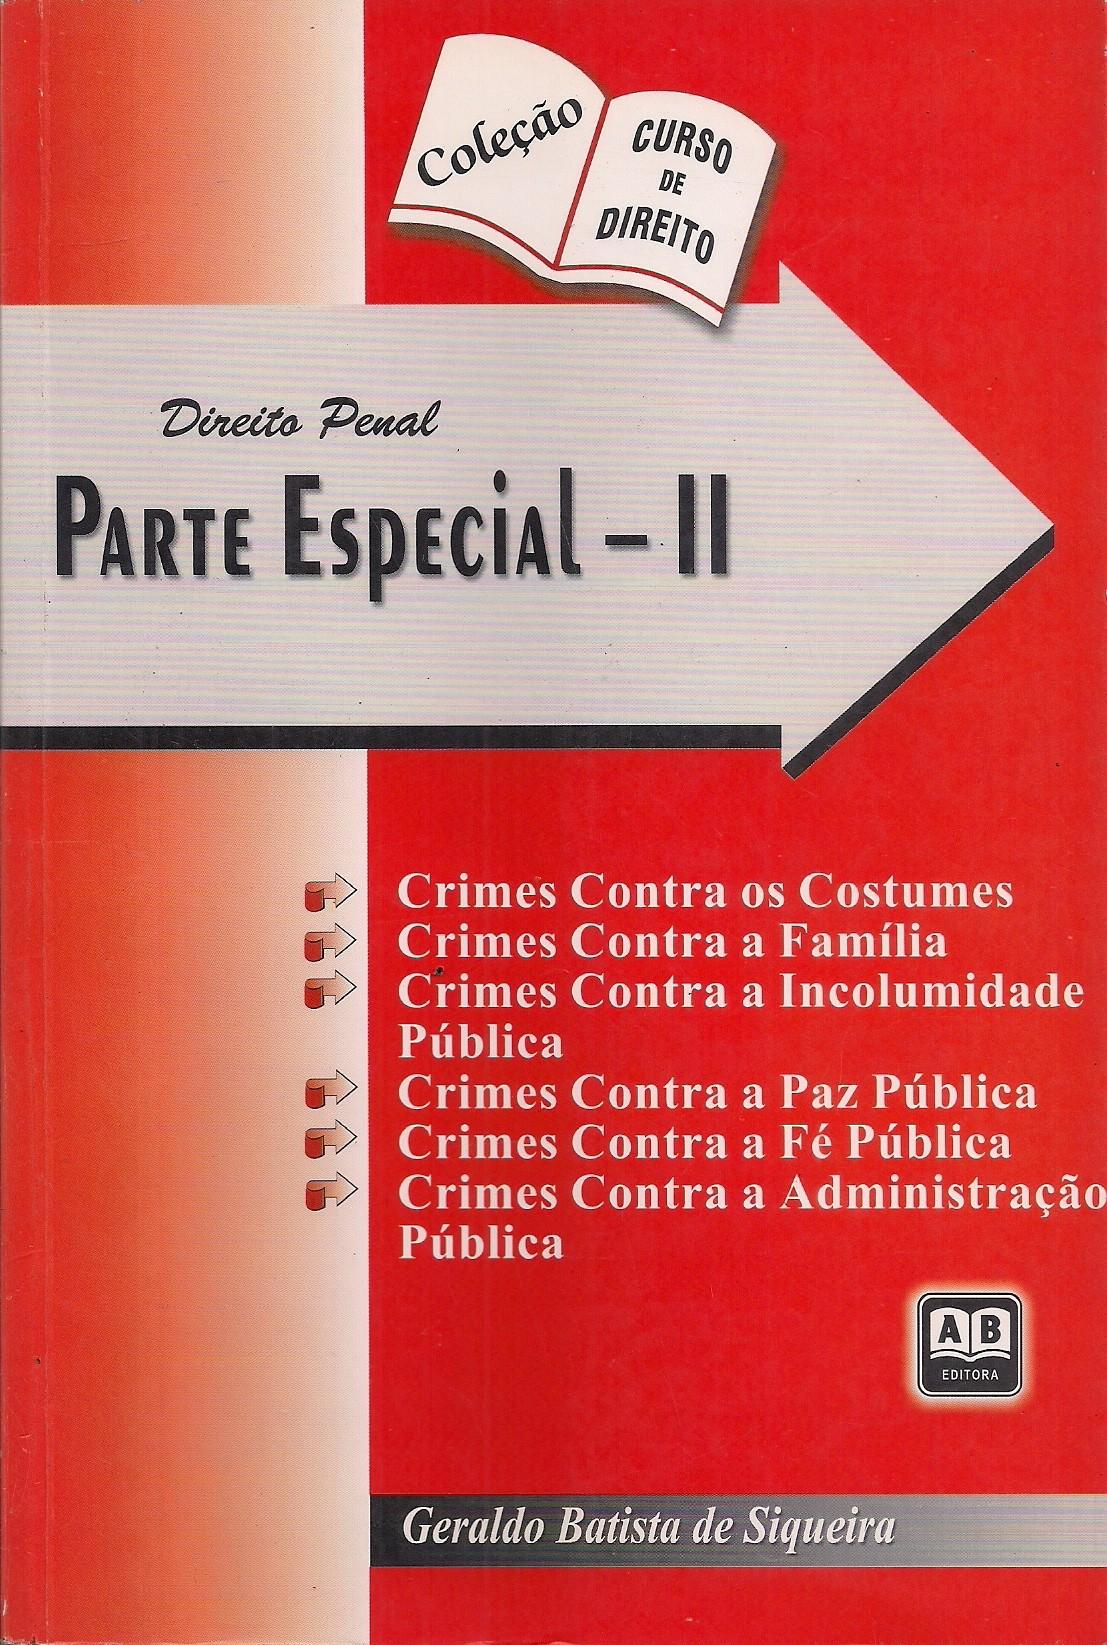 Foto 1 - Direito Penal - Parte especial 2